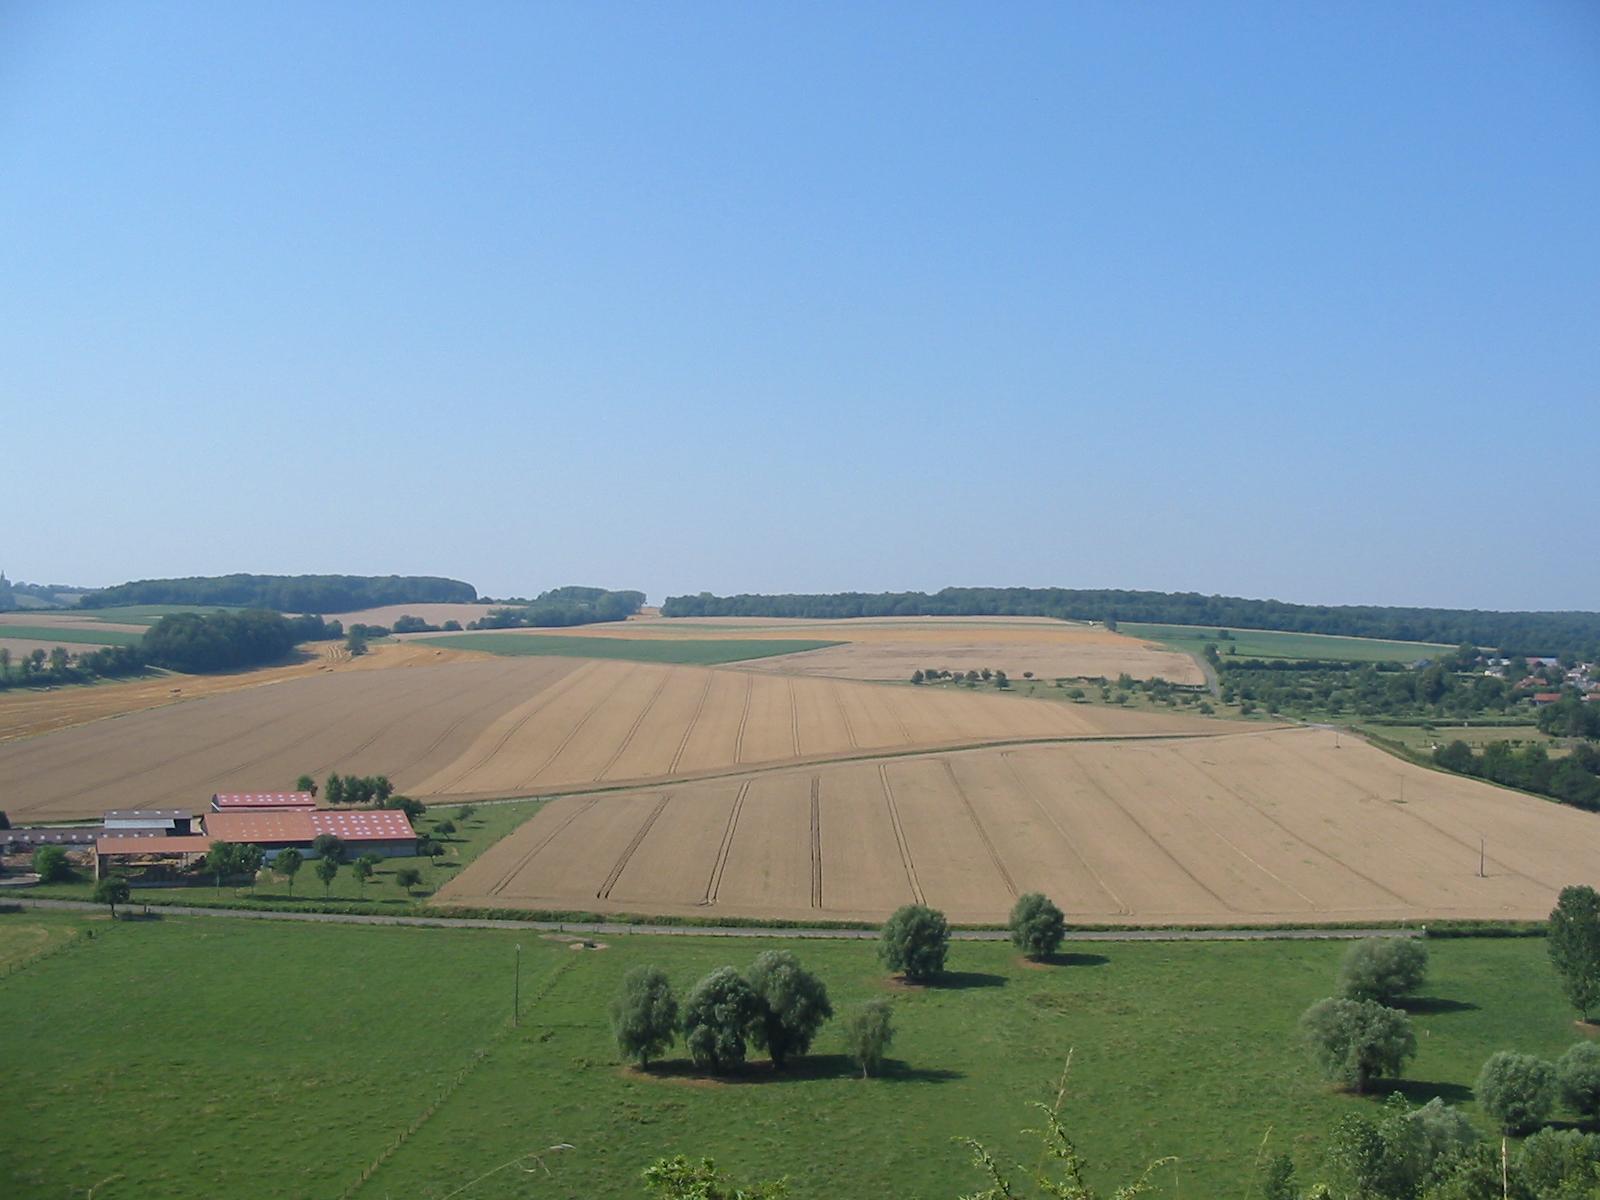 rural_032_jplefebvre-aeap.jpg